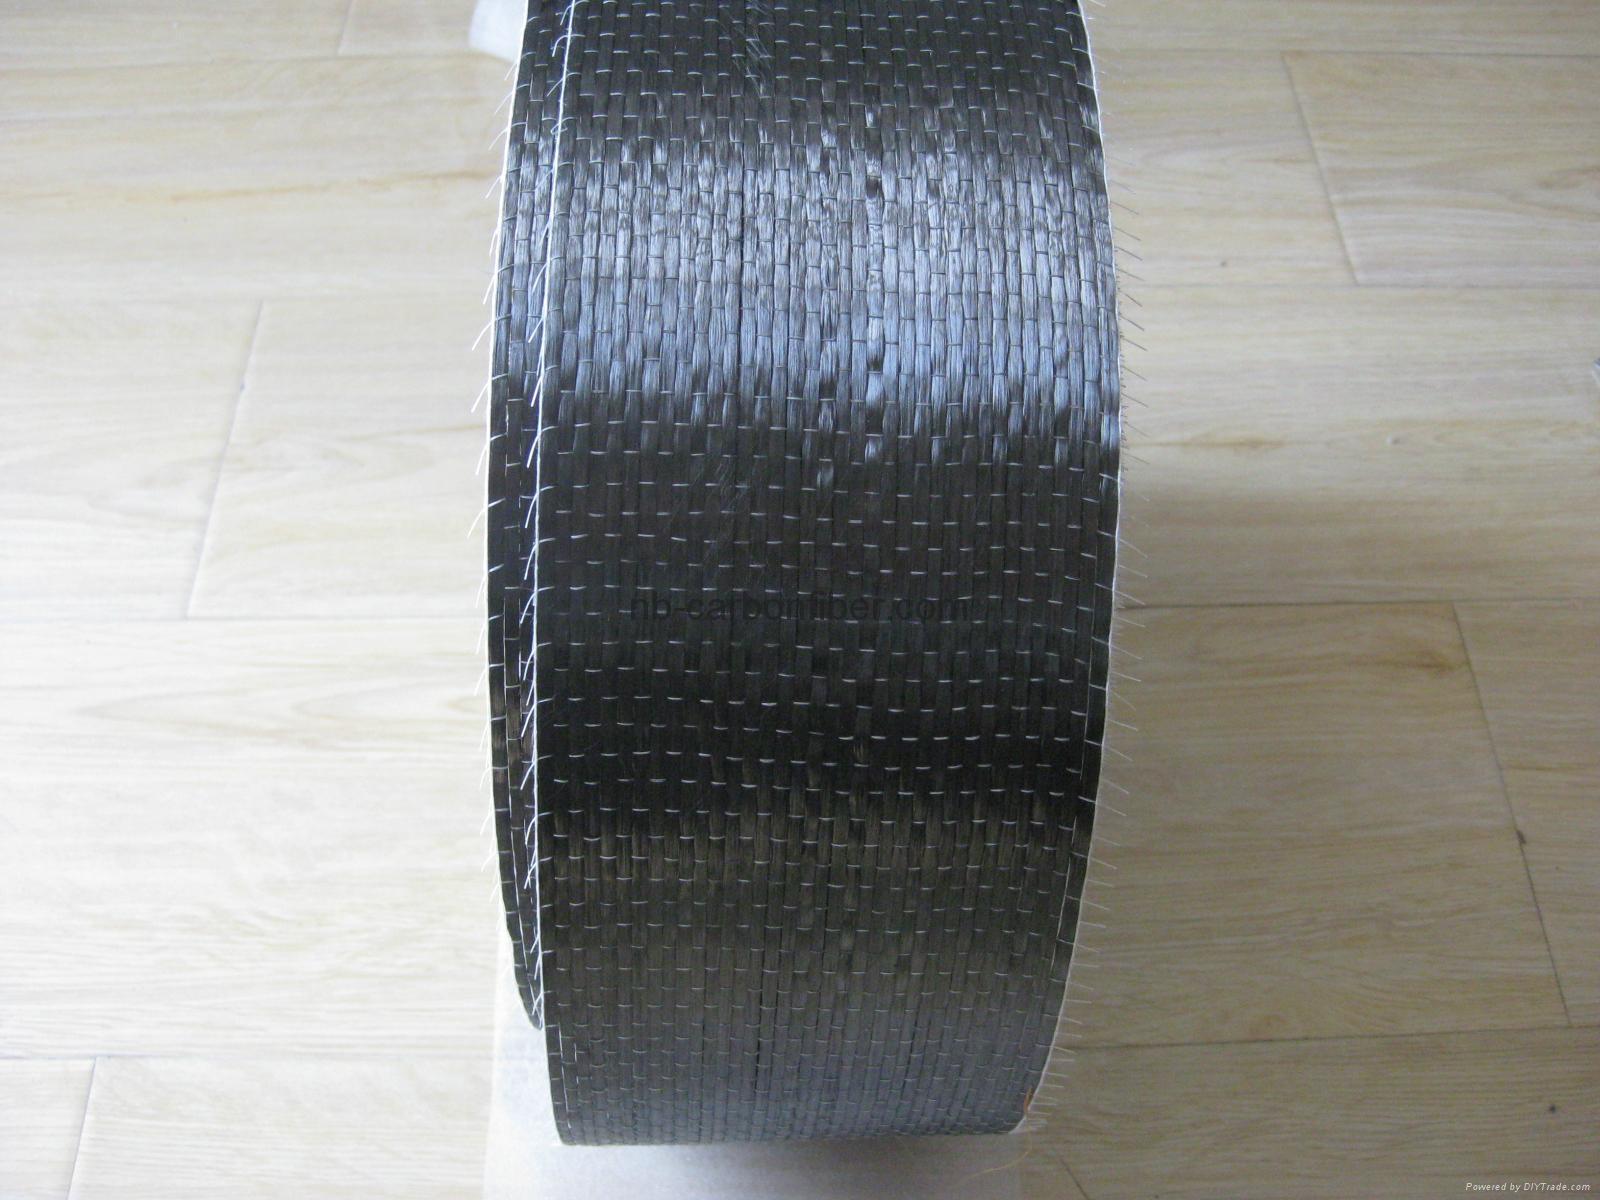 12K UD carbon fiber cloth uni direction for building bridge reinforcement  1